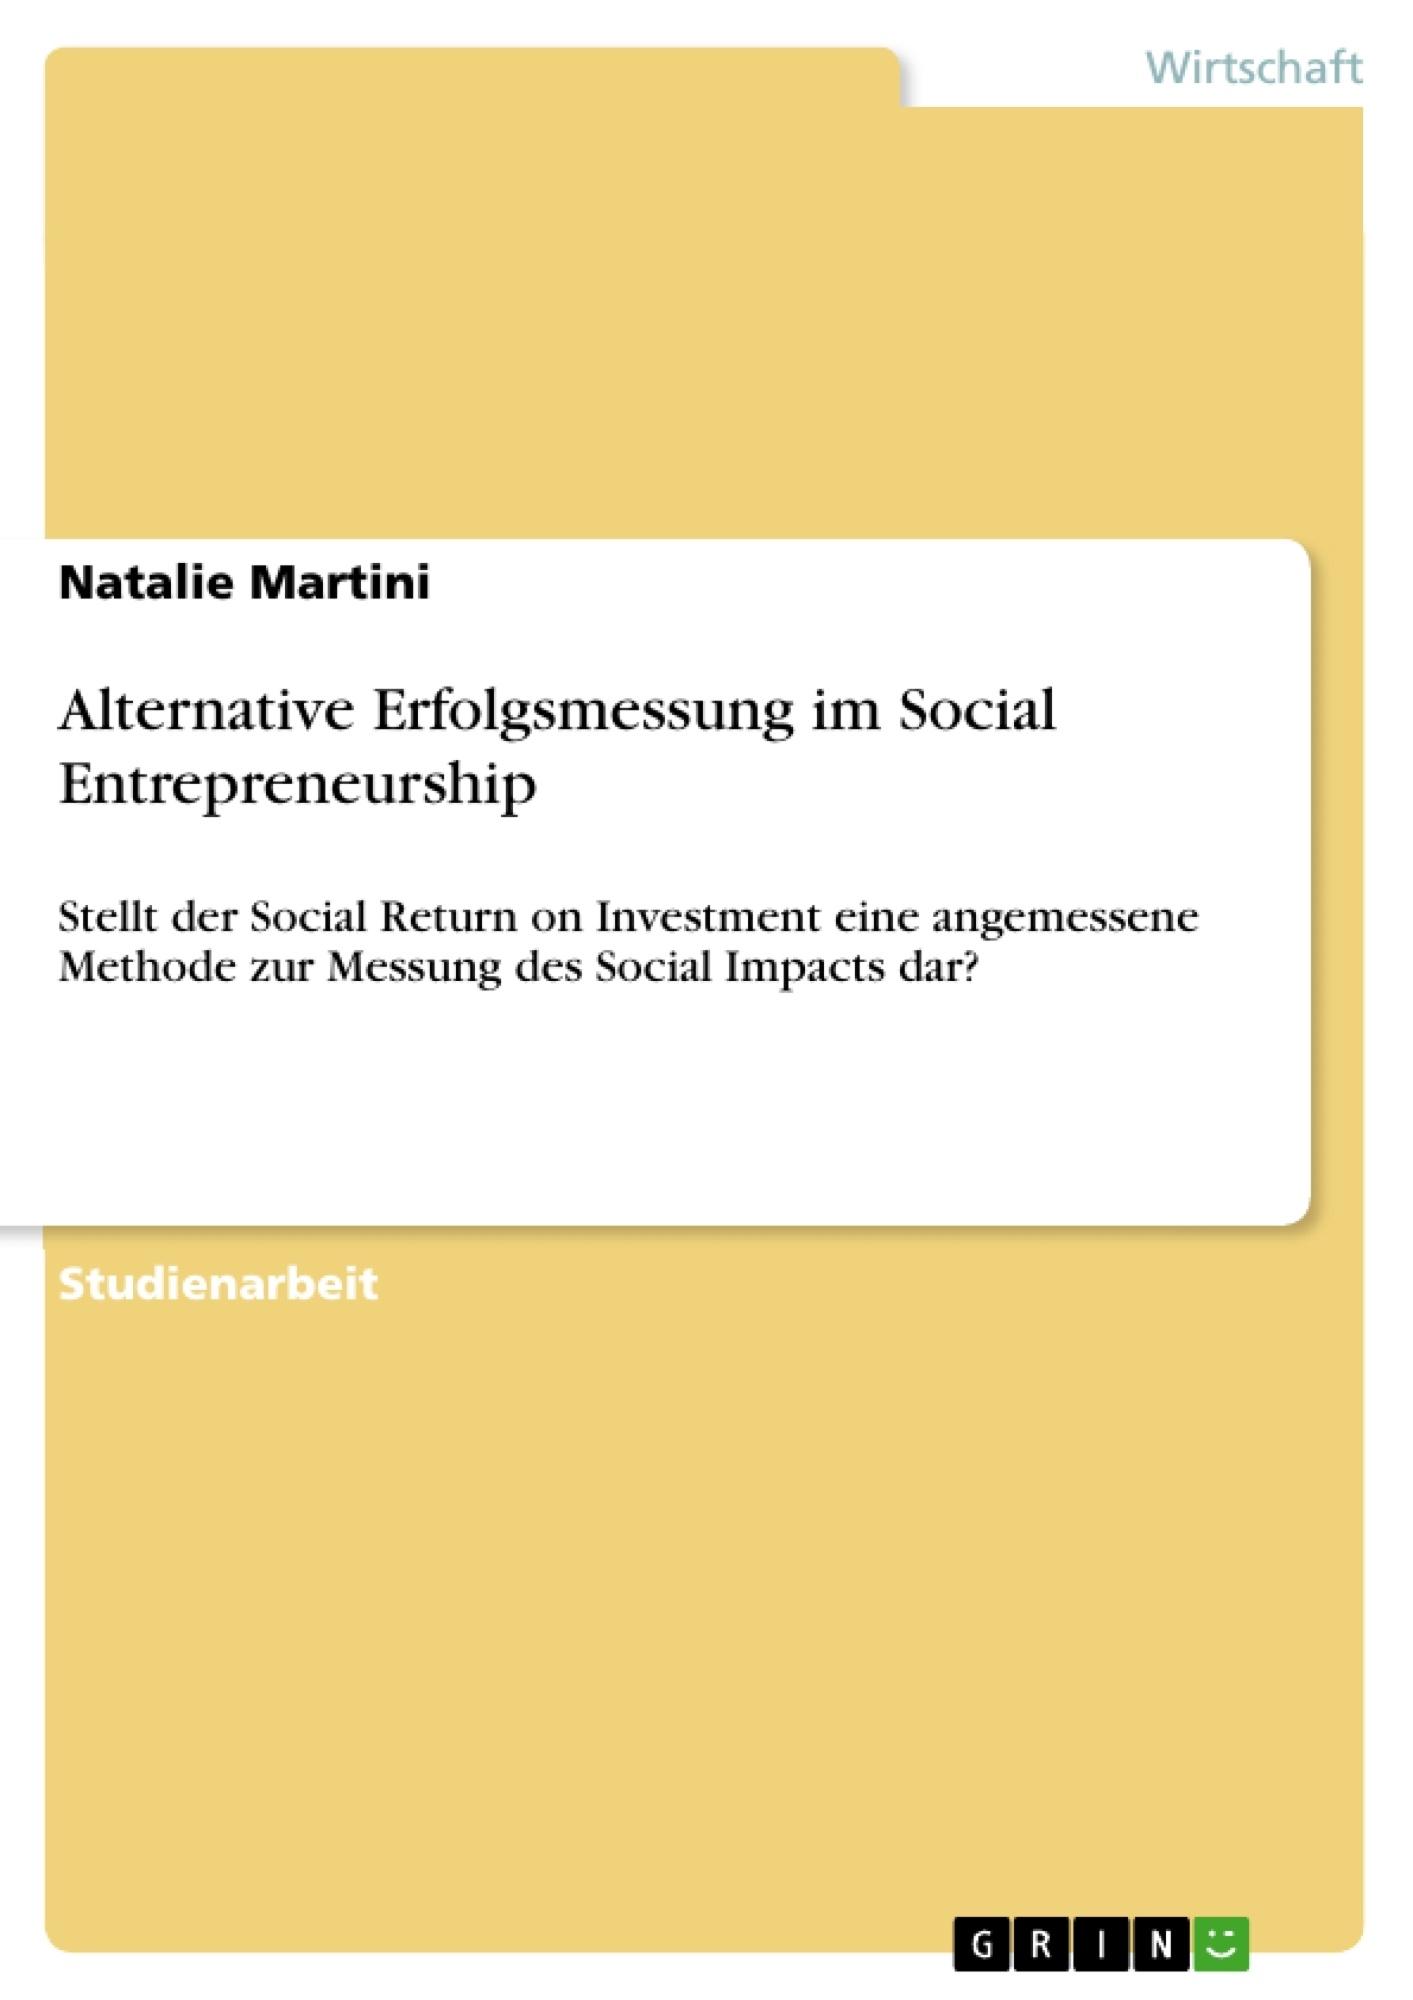 Titel: Alternative Erfolgsmessung im Social Entrepreneurship